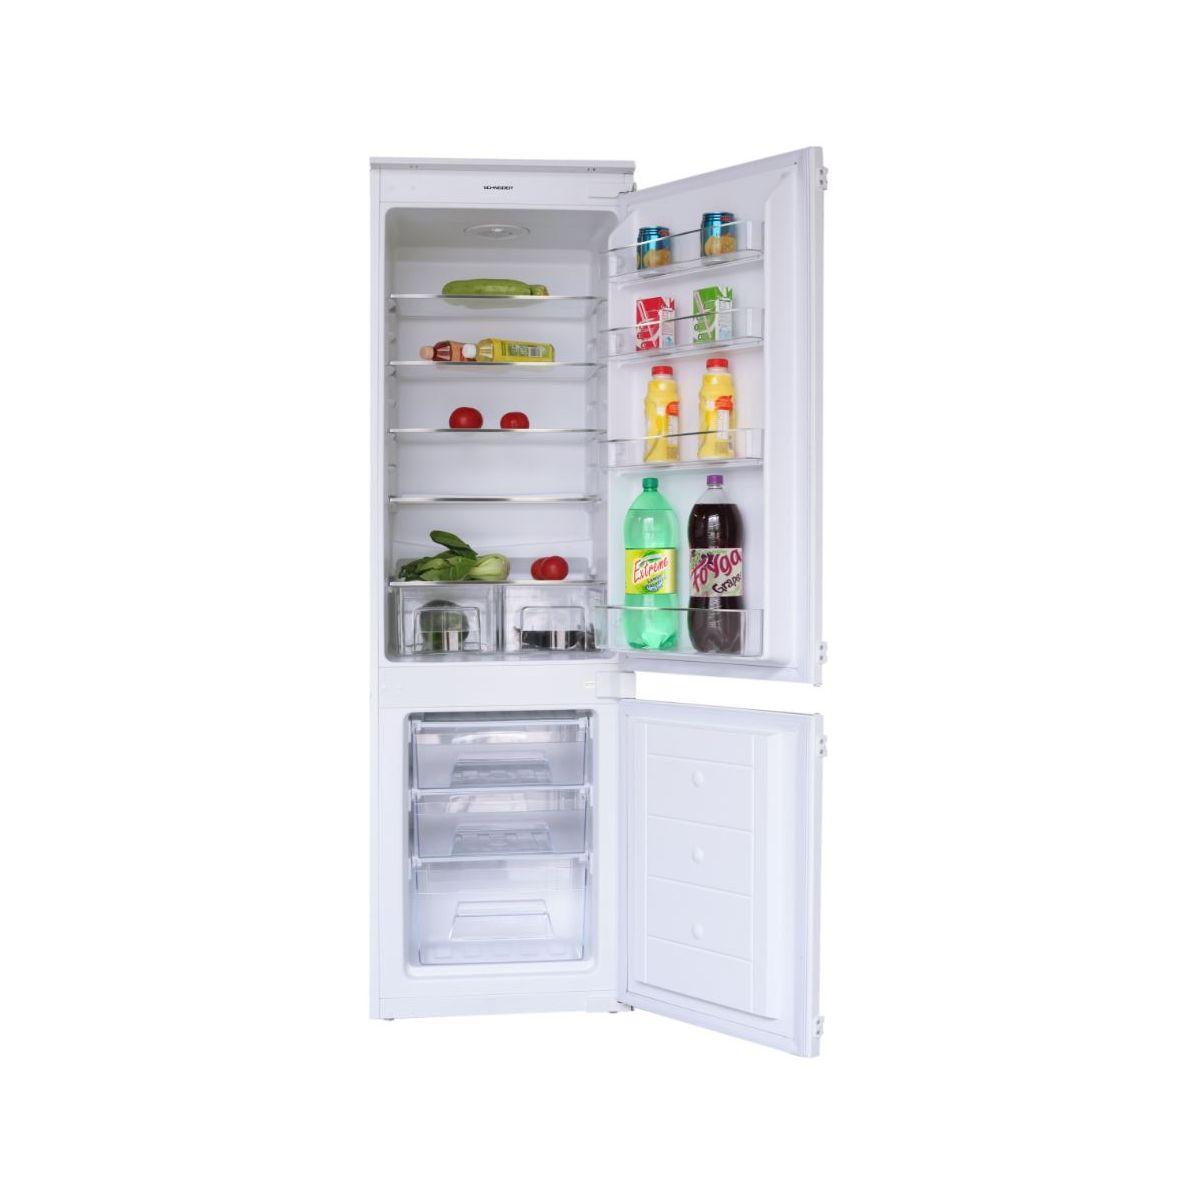 Réfrigérateur combiné encastrable SCHNEIDER SCRC771ASS